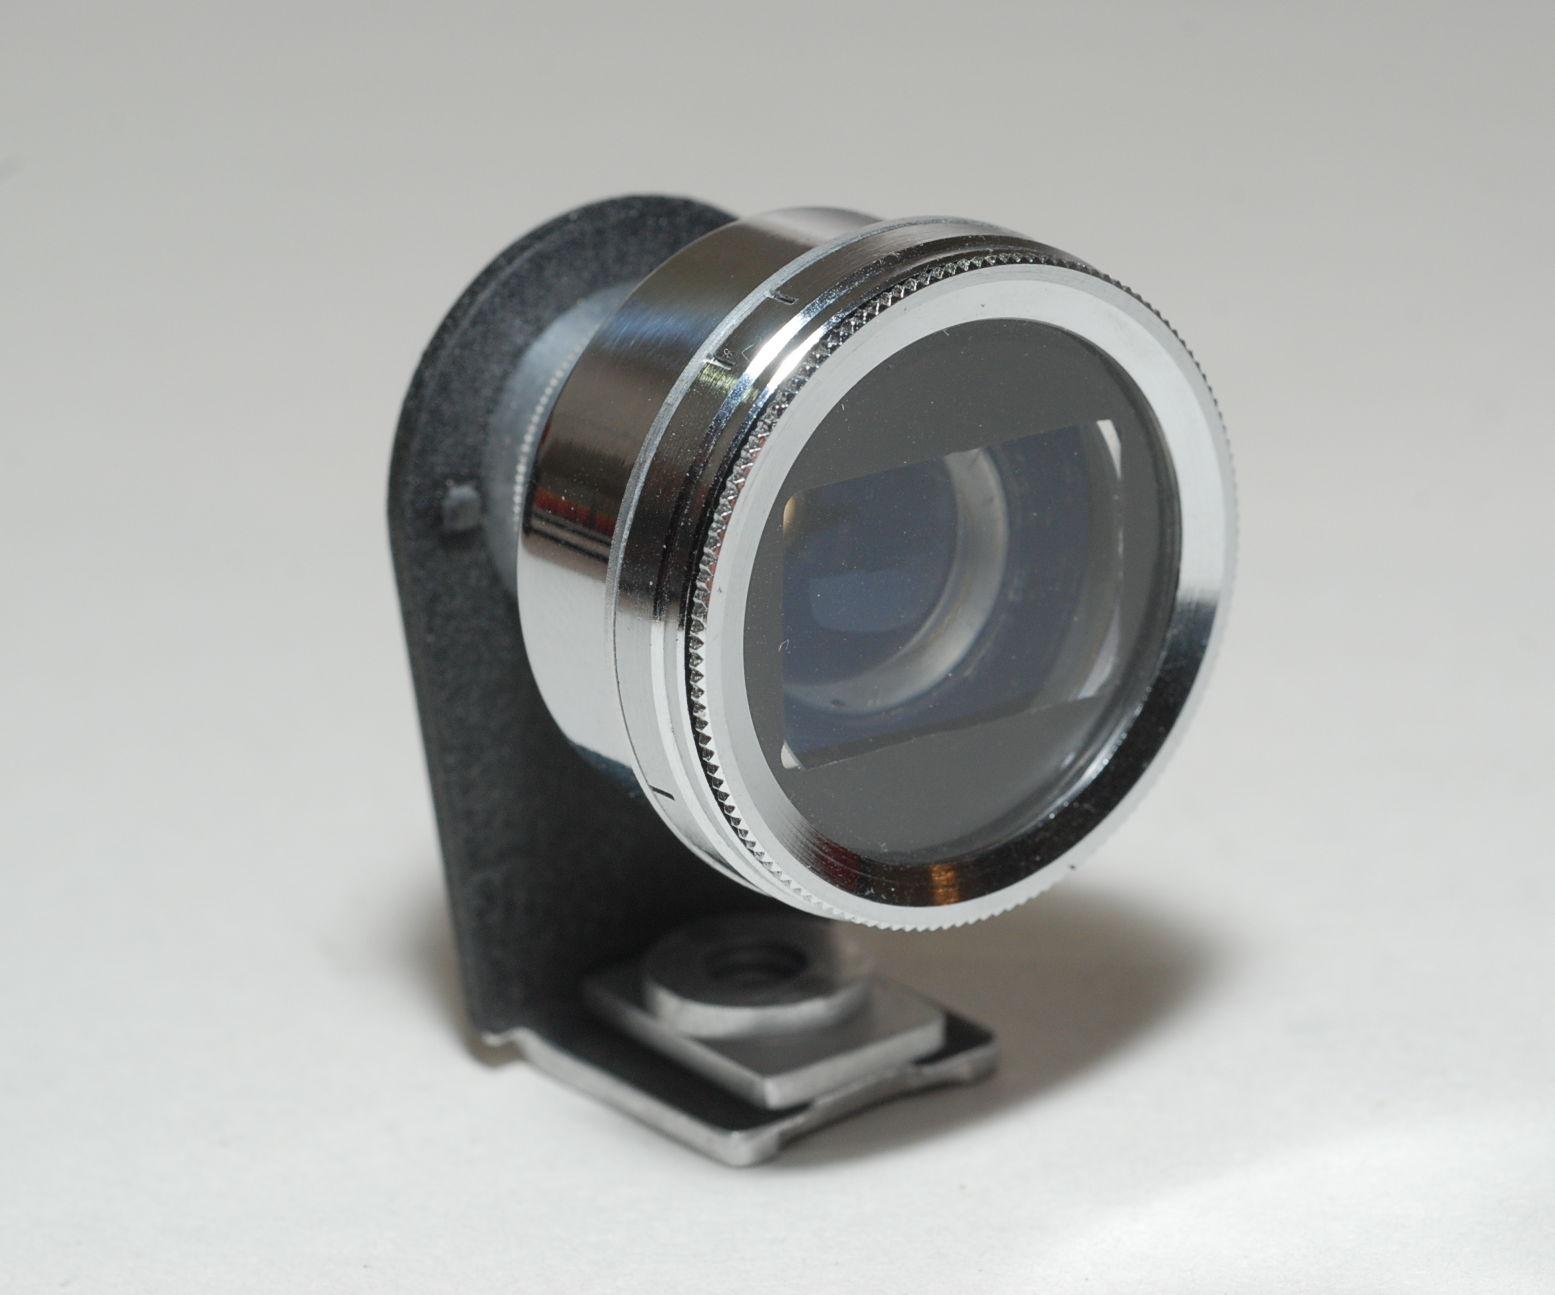 28mm Optical Finder for Ricoh GR Digital